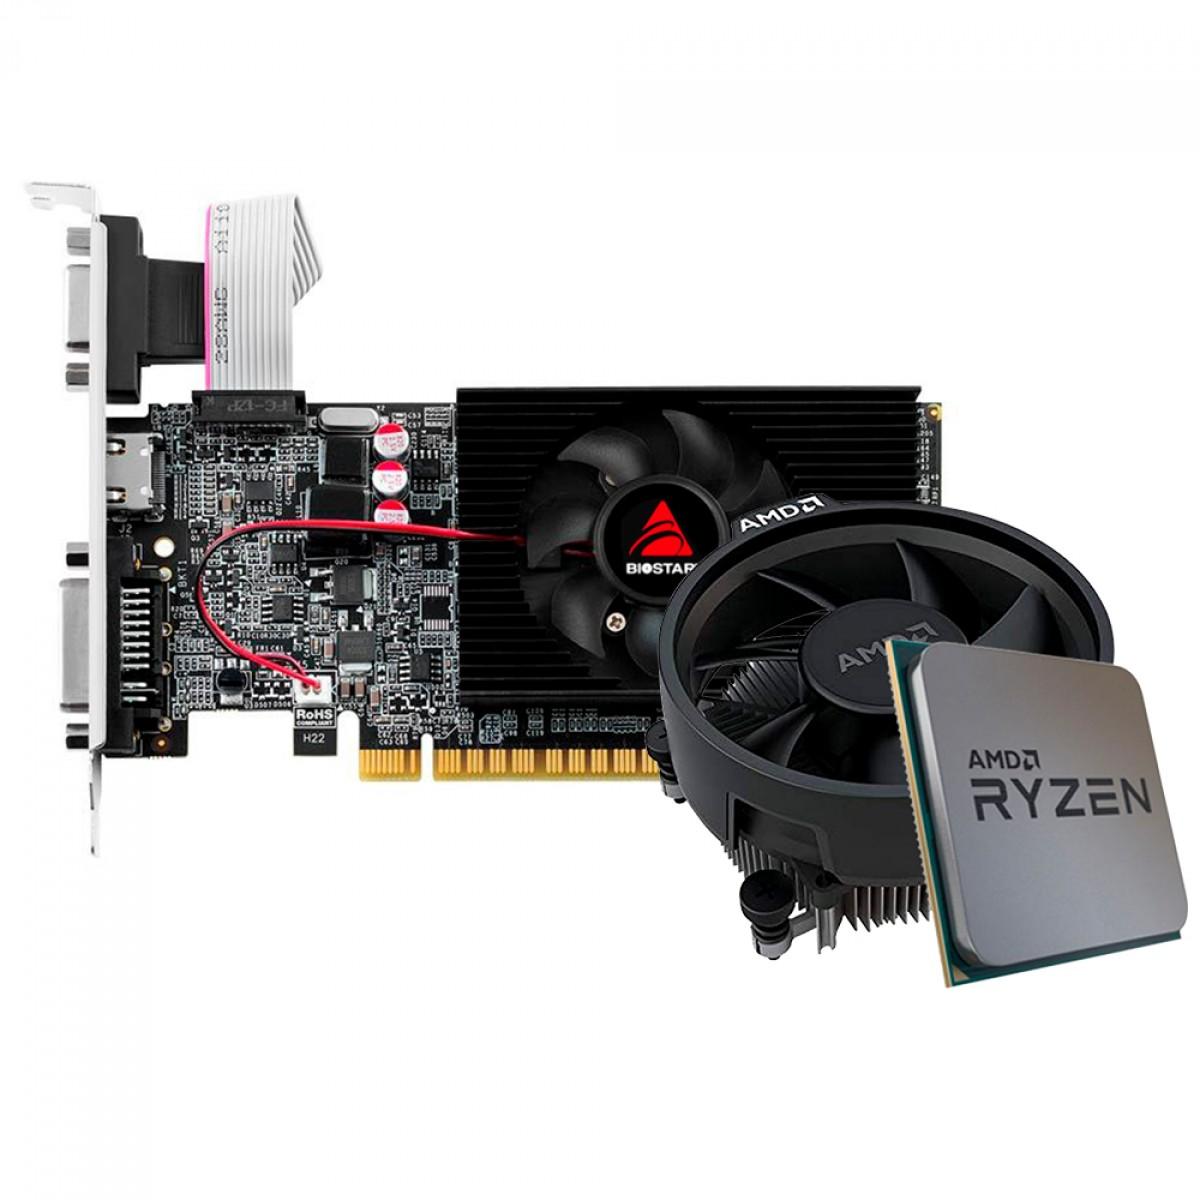 Kit Upgrade Biostar GeForce GT 710 + AMD Ryzen 5 3500